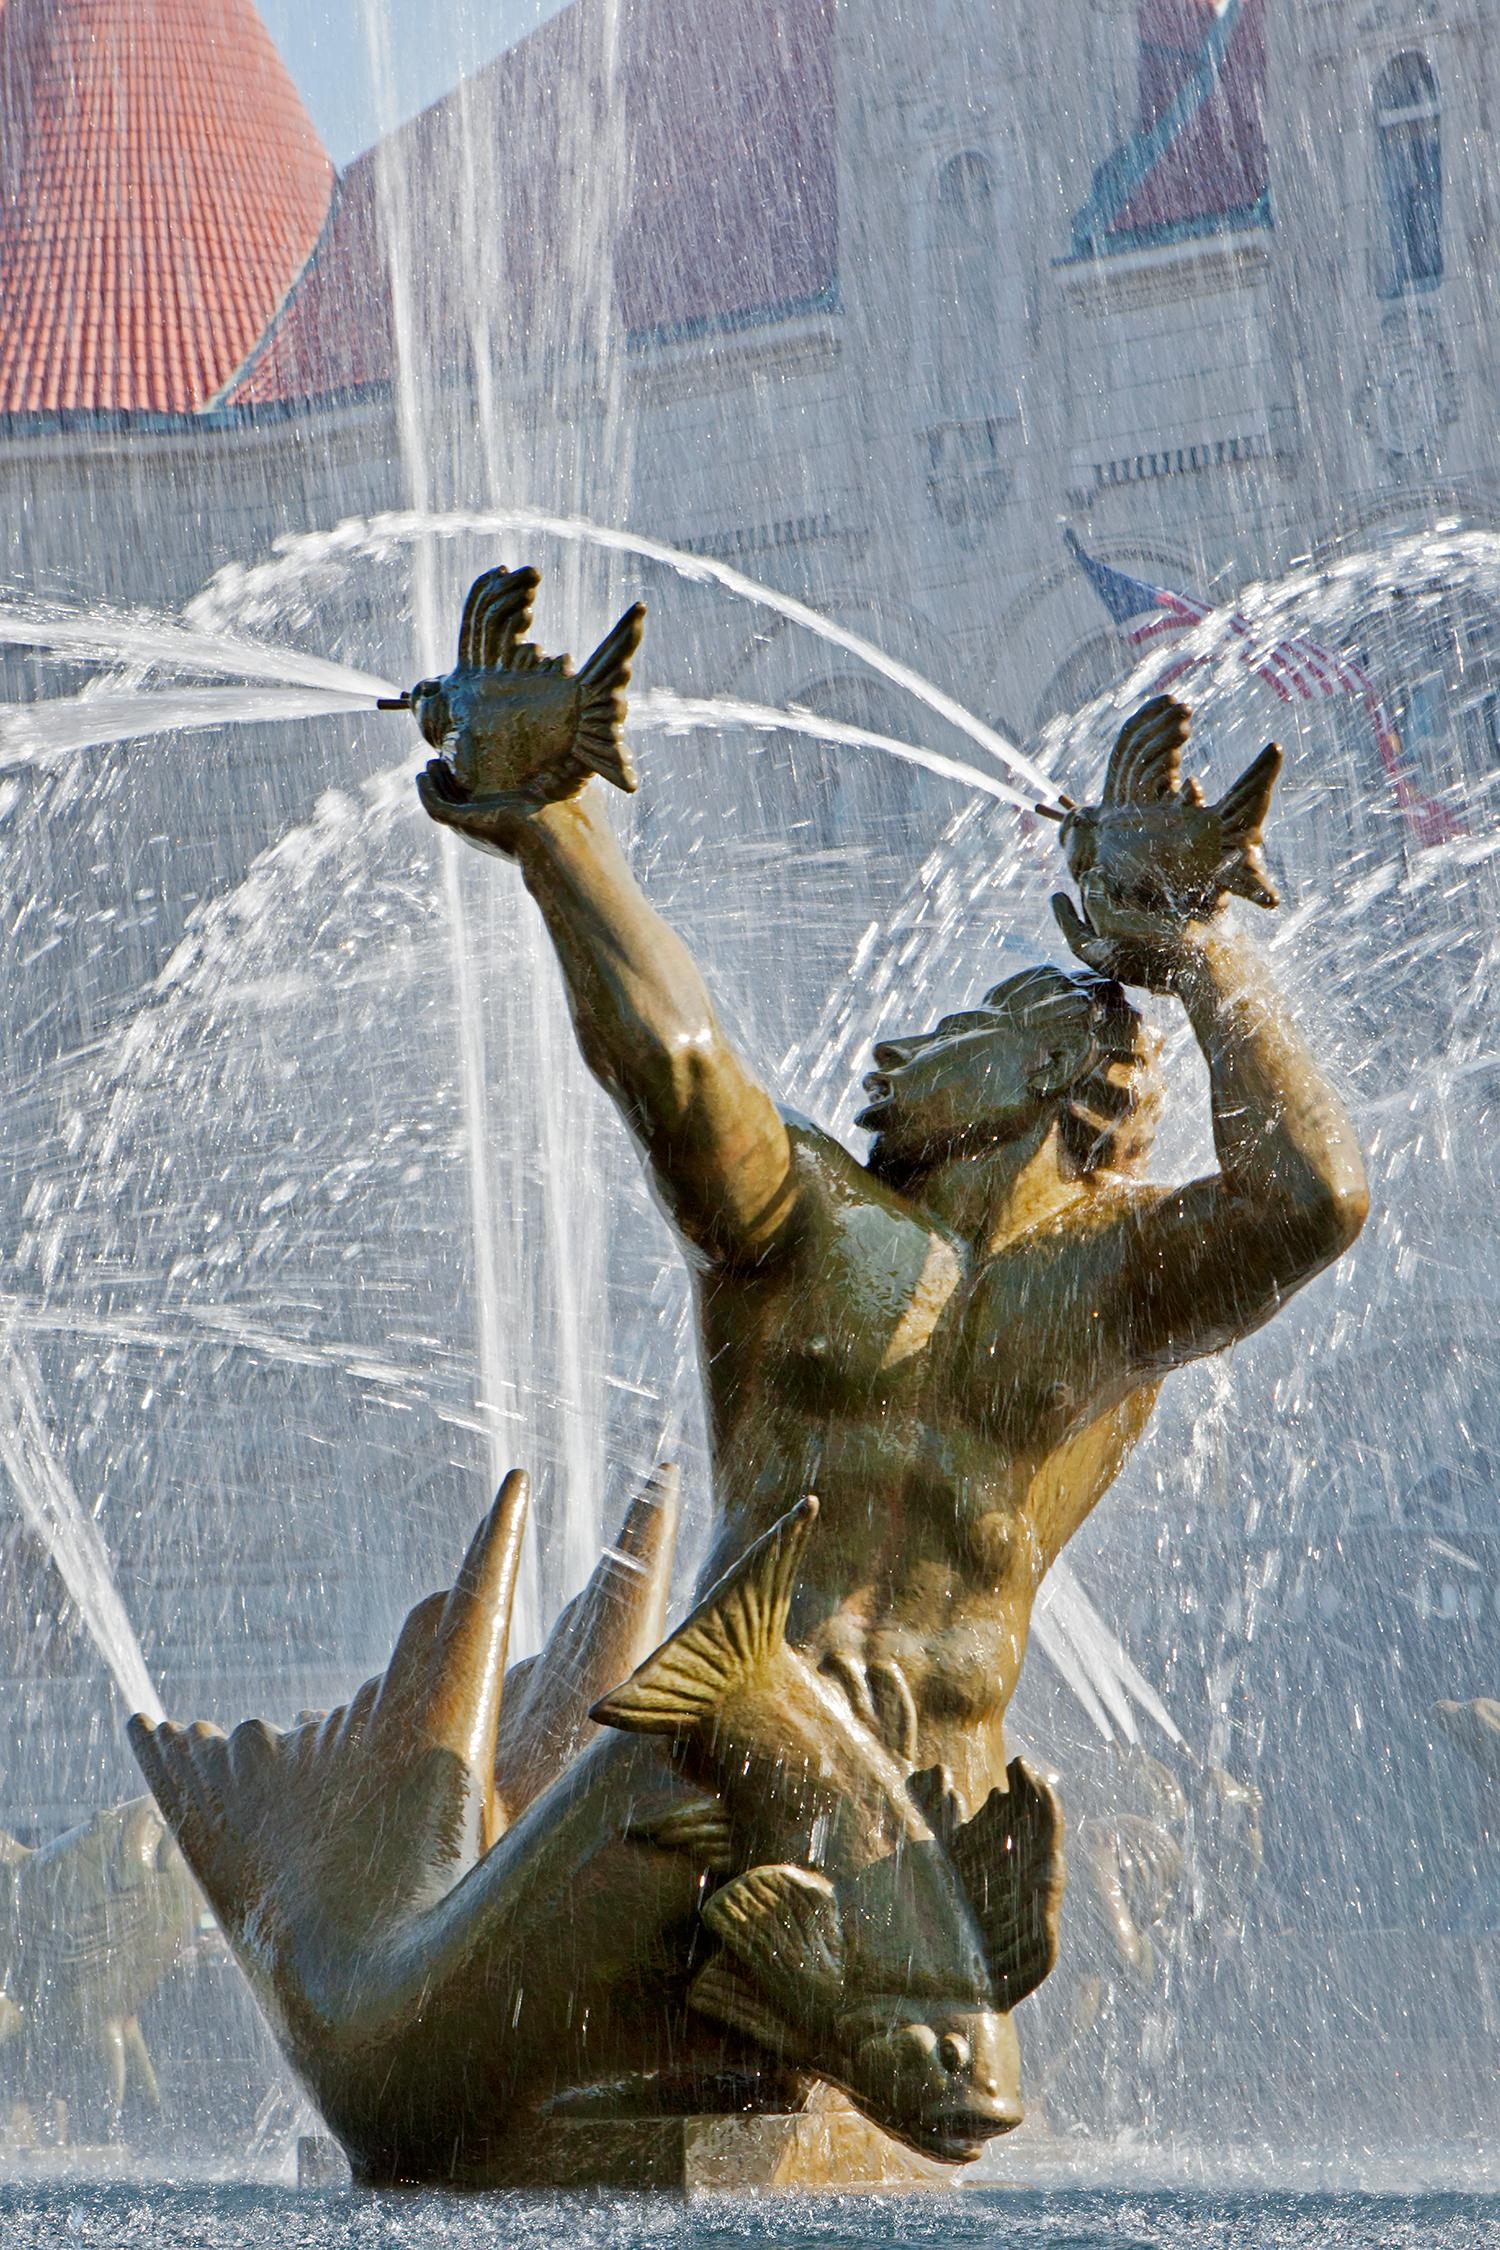 Milles Fountain / St. Louis MO / Carl Milles / 1939